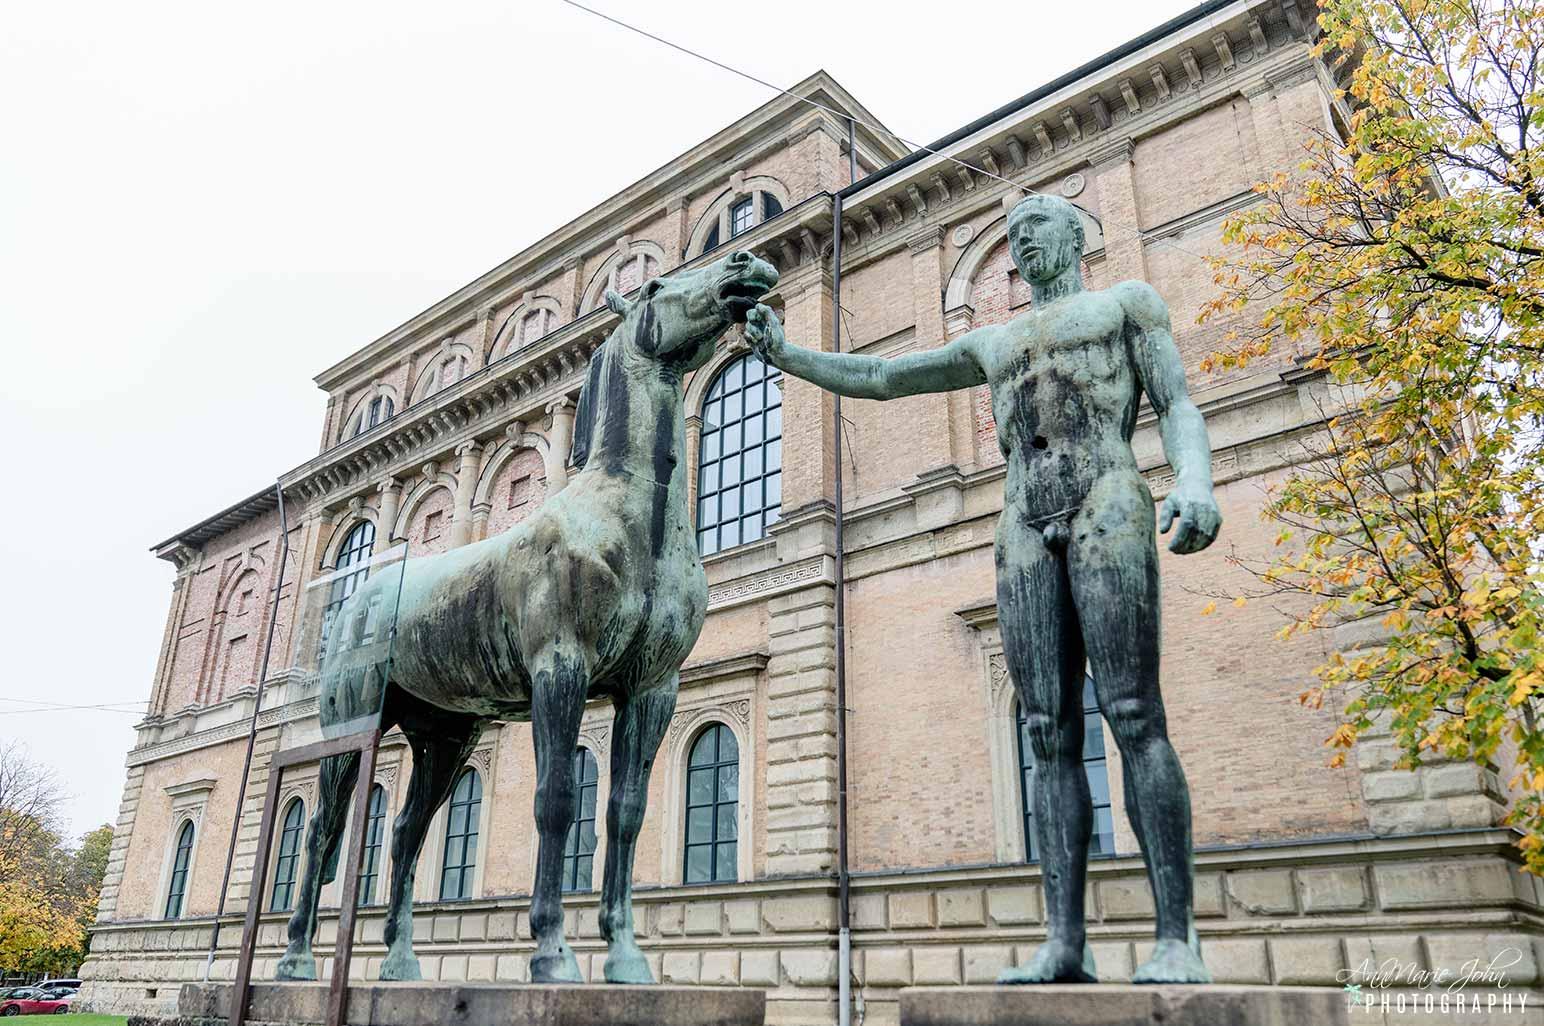 Statue in Munich Germany